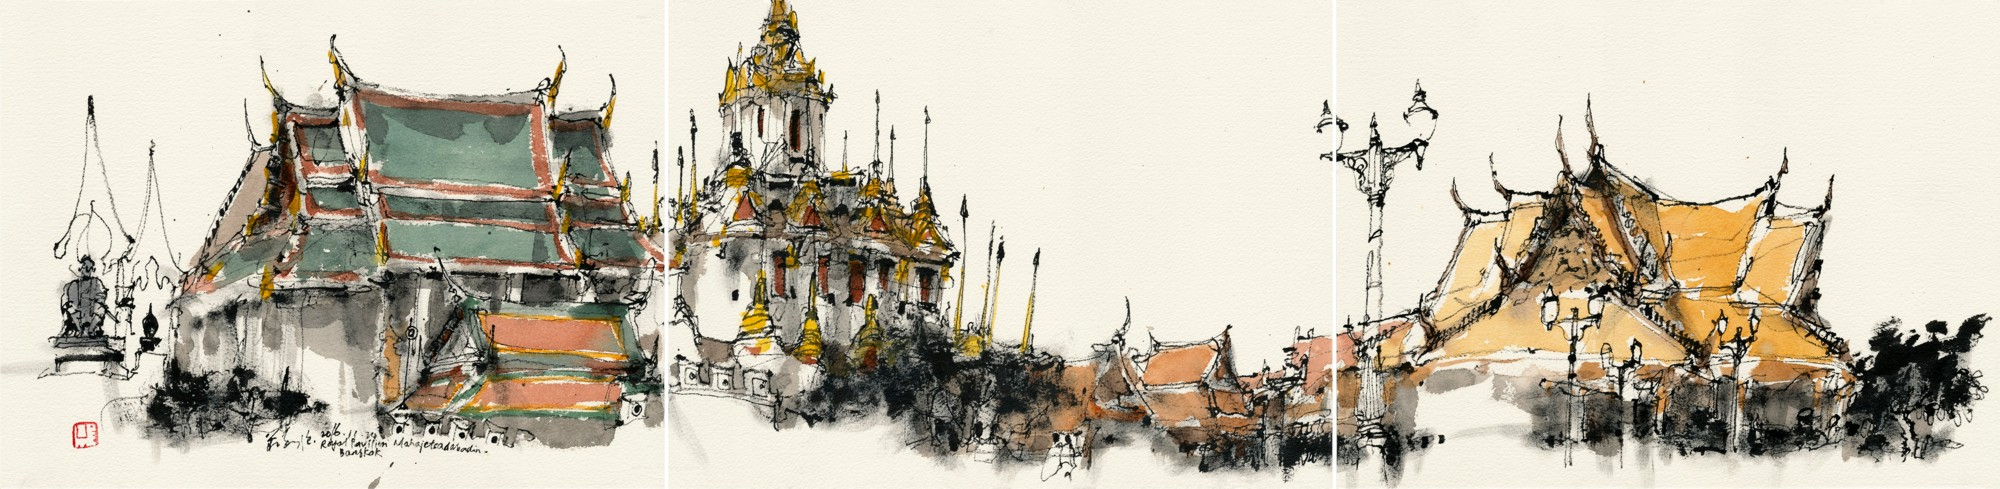 20161124-royal-pavilion-mahajetsadabadin-loha-prasat-metal-castle-bangkok